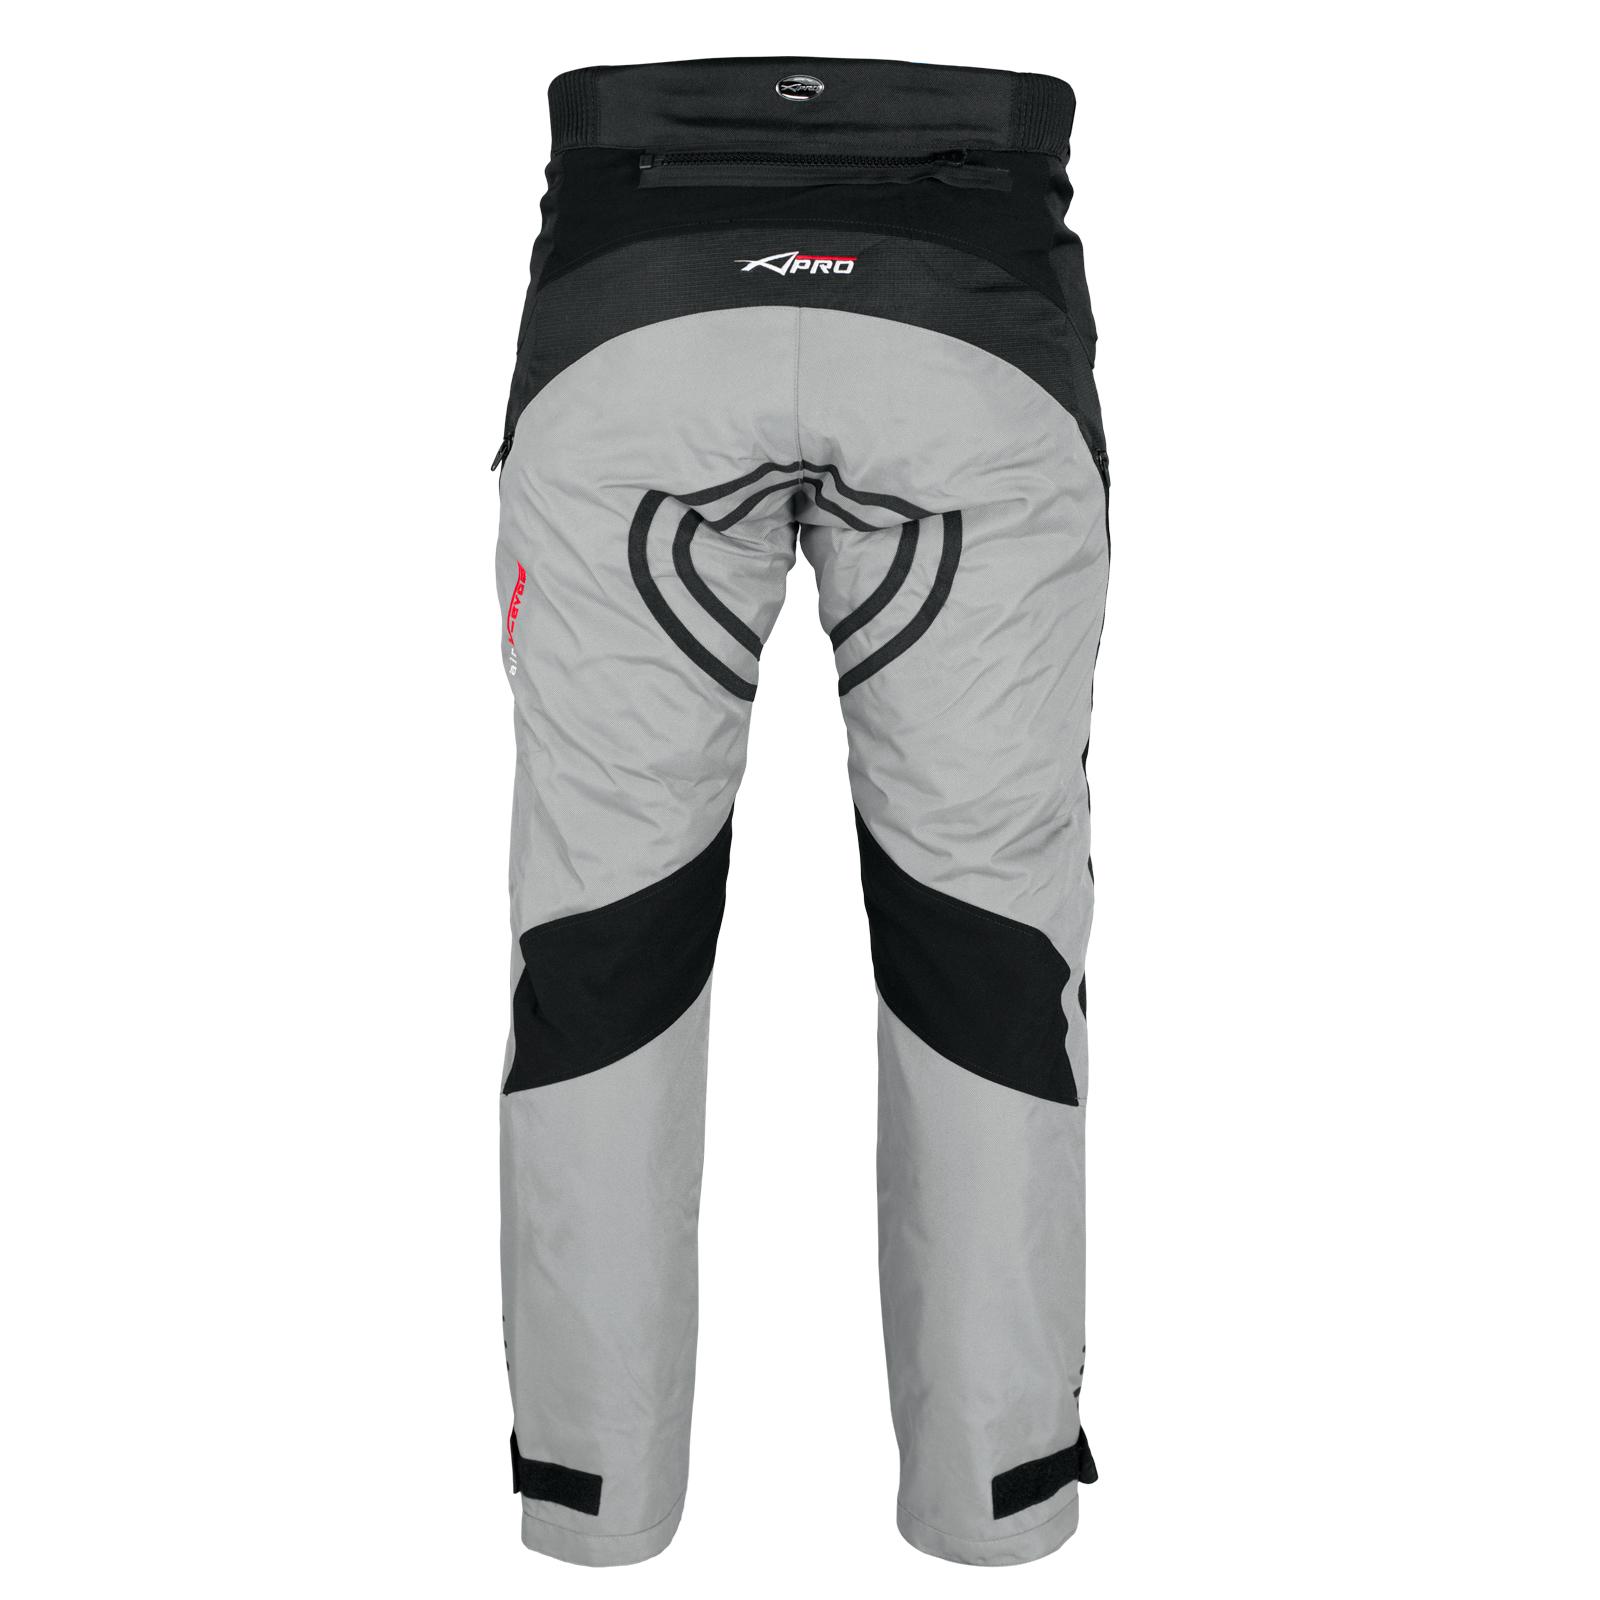 Pantalon-Impermeable-Homme-Protections-CE-Thermique-Motard-Reflechissant-Moto miniature 14